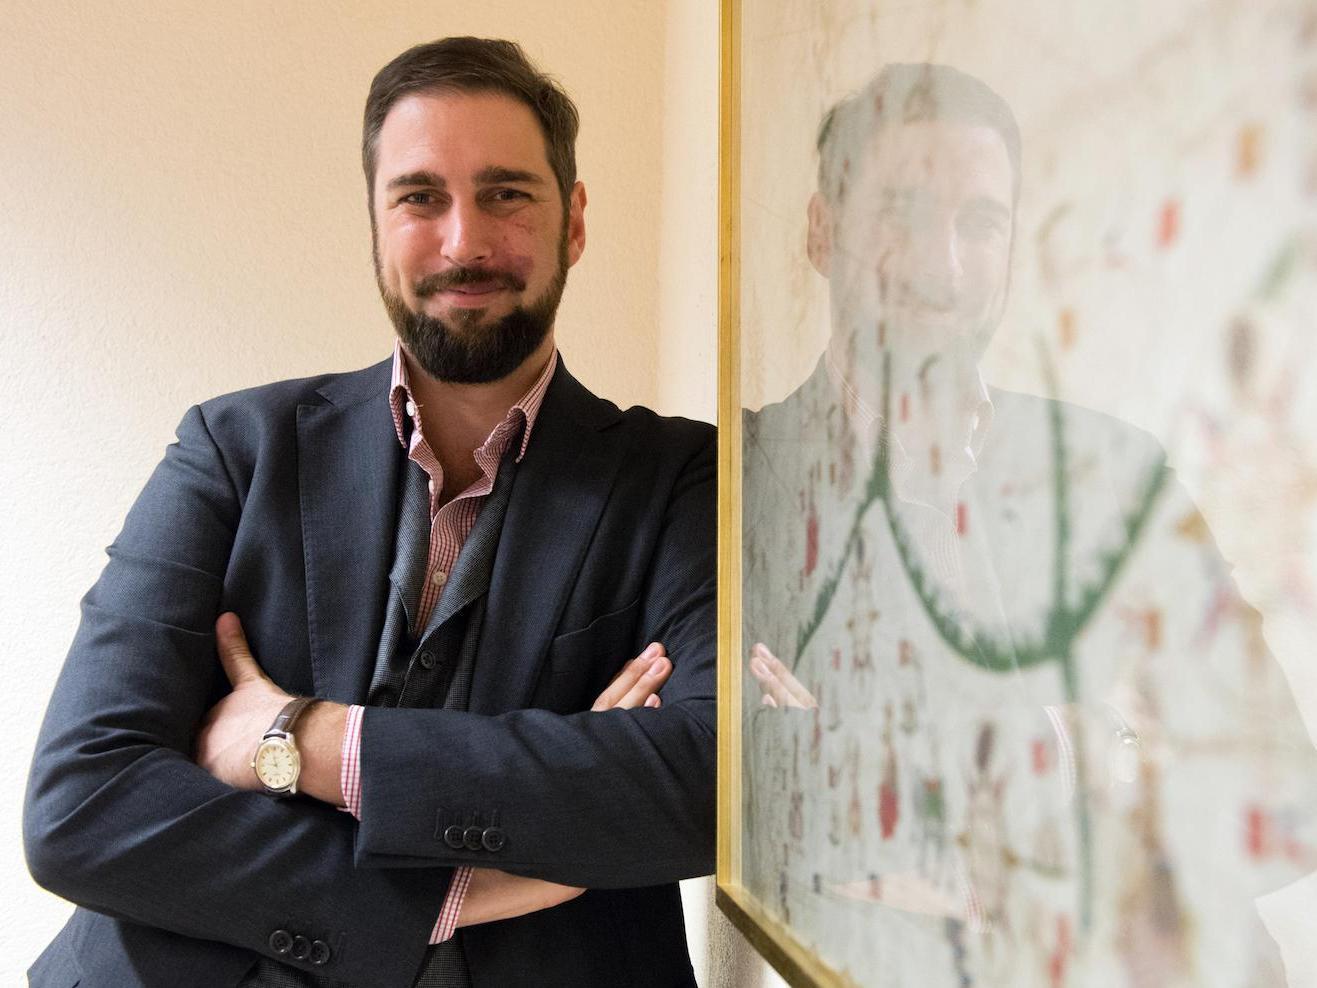 Roberto Zaugg, nommé professeur boursier FNS à l'Université de Berne